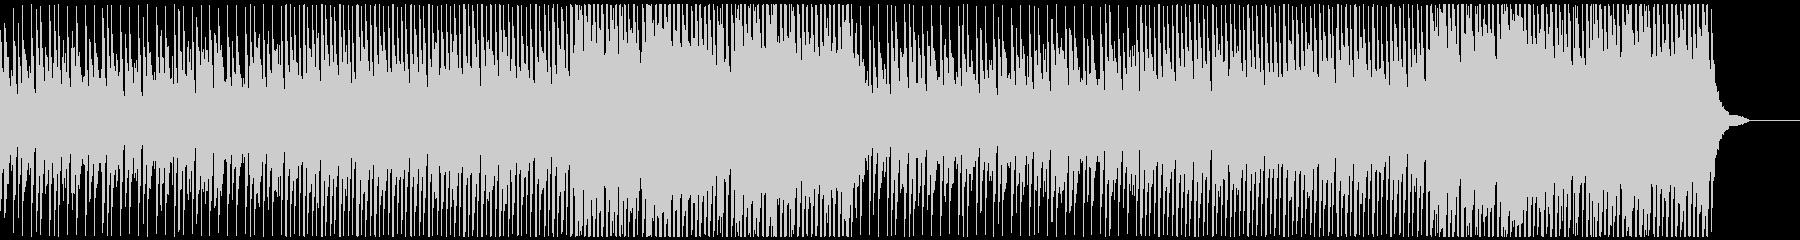 ピアノメインの爽やかで感動的なポップ曲の未再生の波形